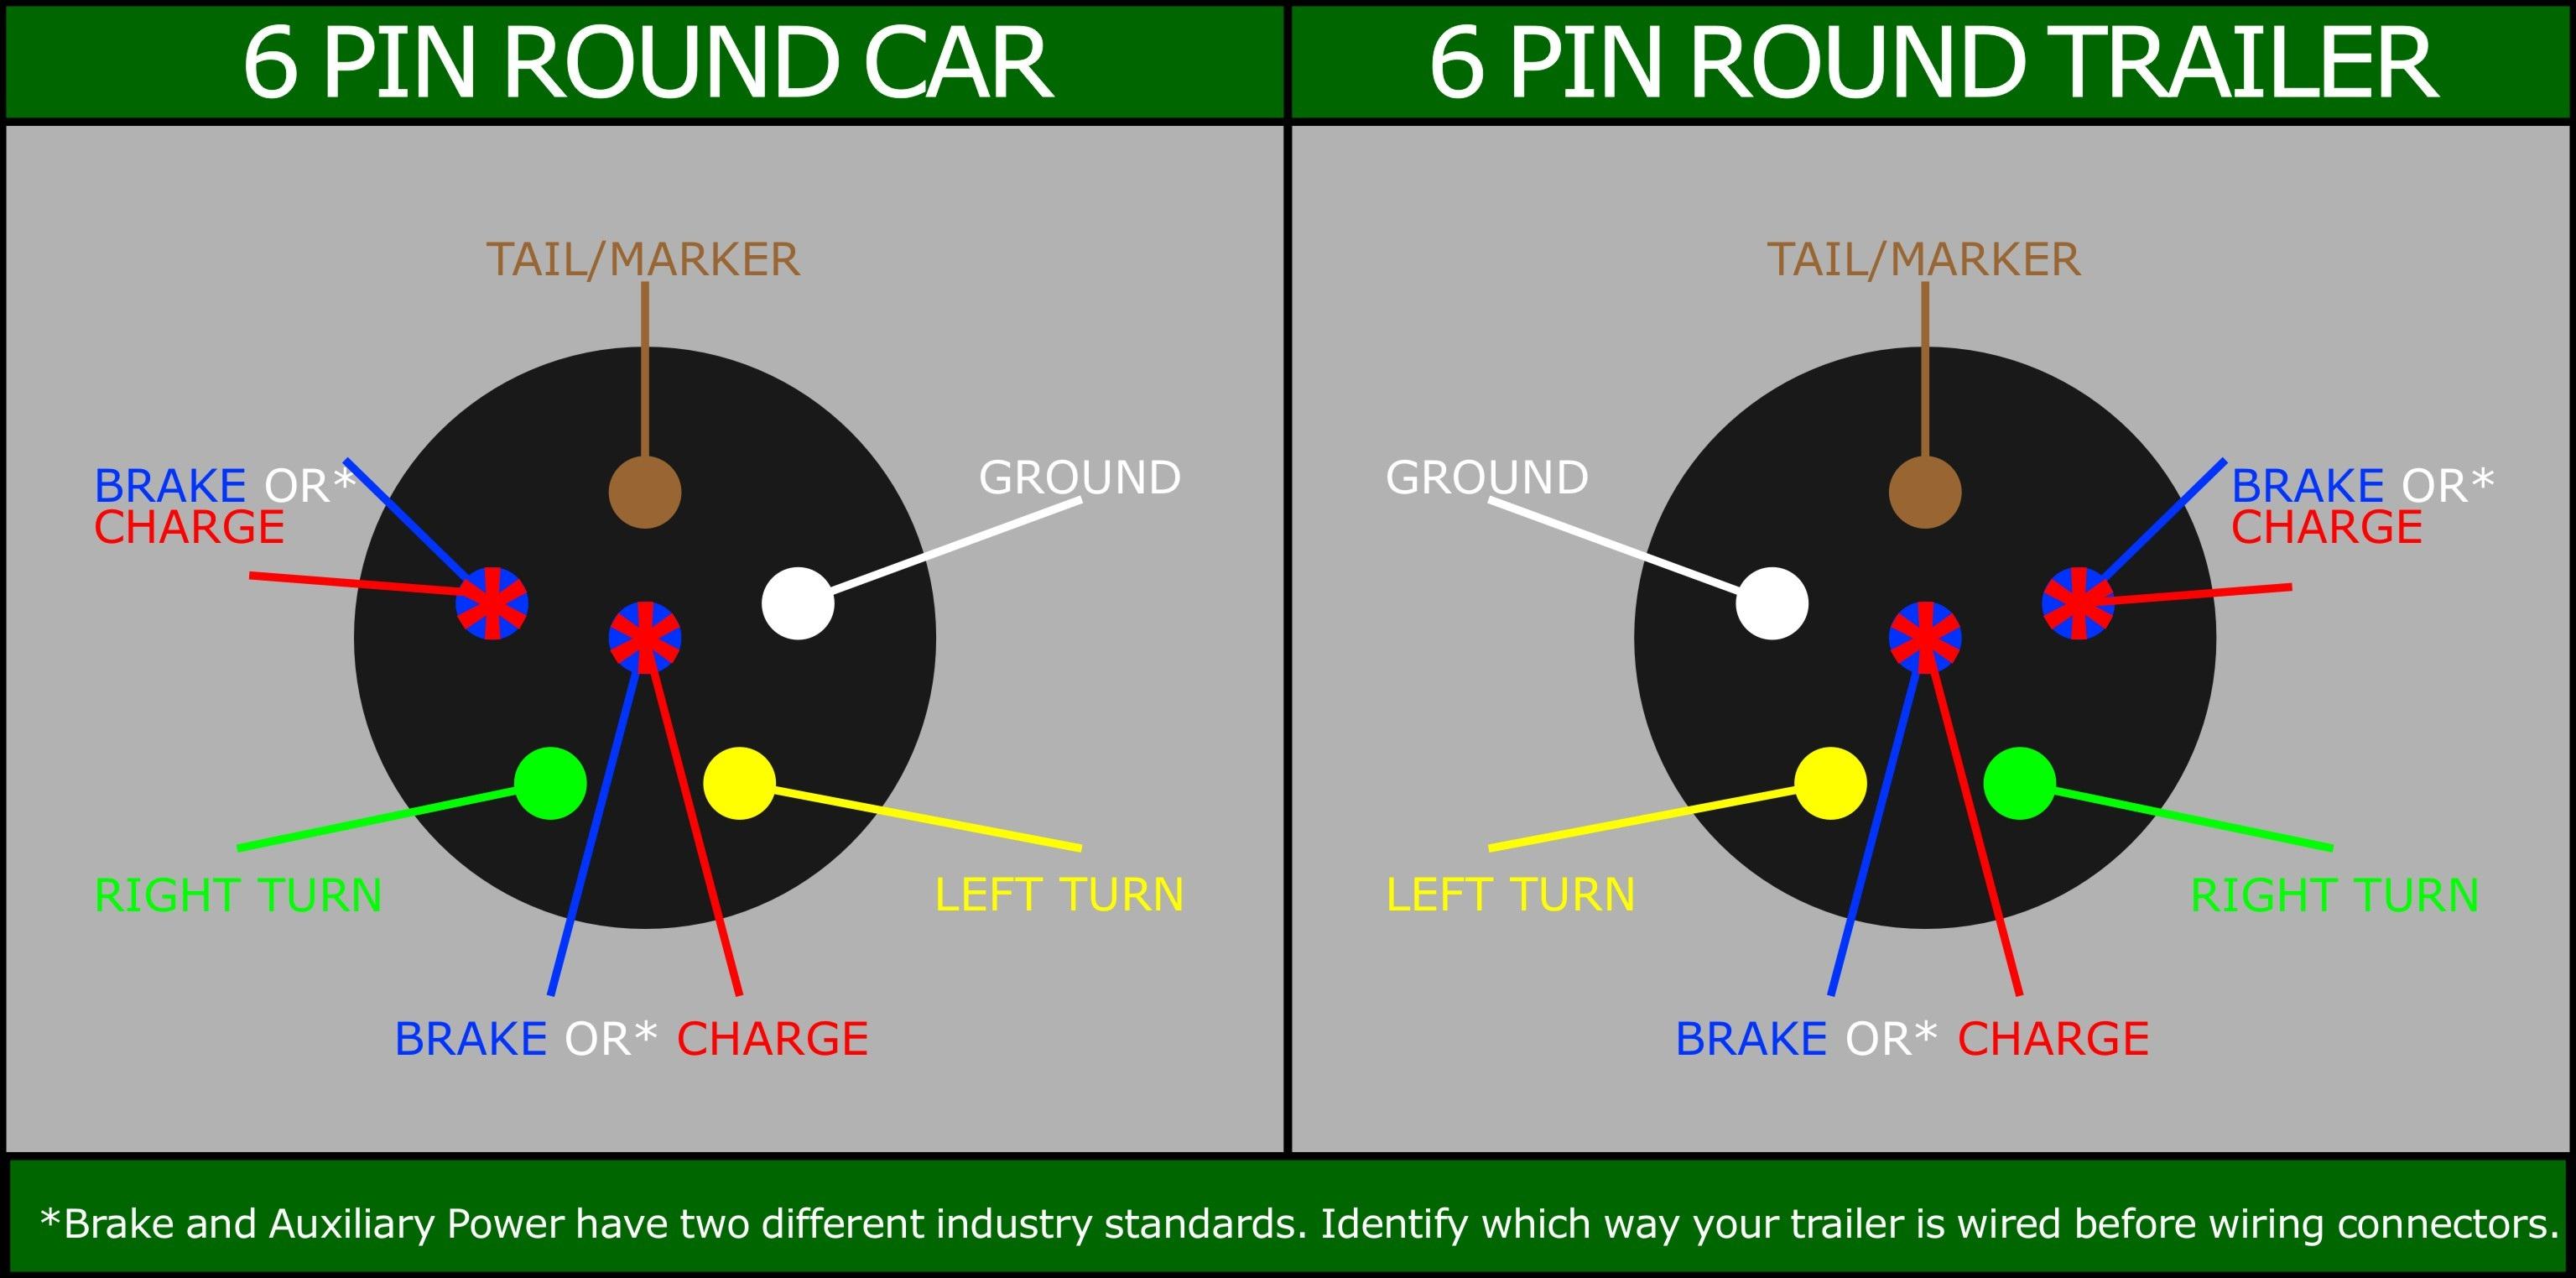 6 Round Trailer Wiring - Data Wiring Diagram Detailed - 6 Pin Trailer Wiring Diagram